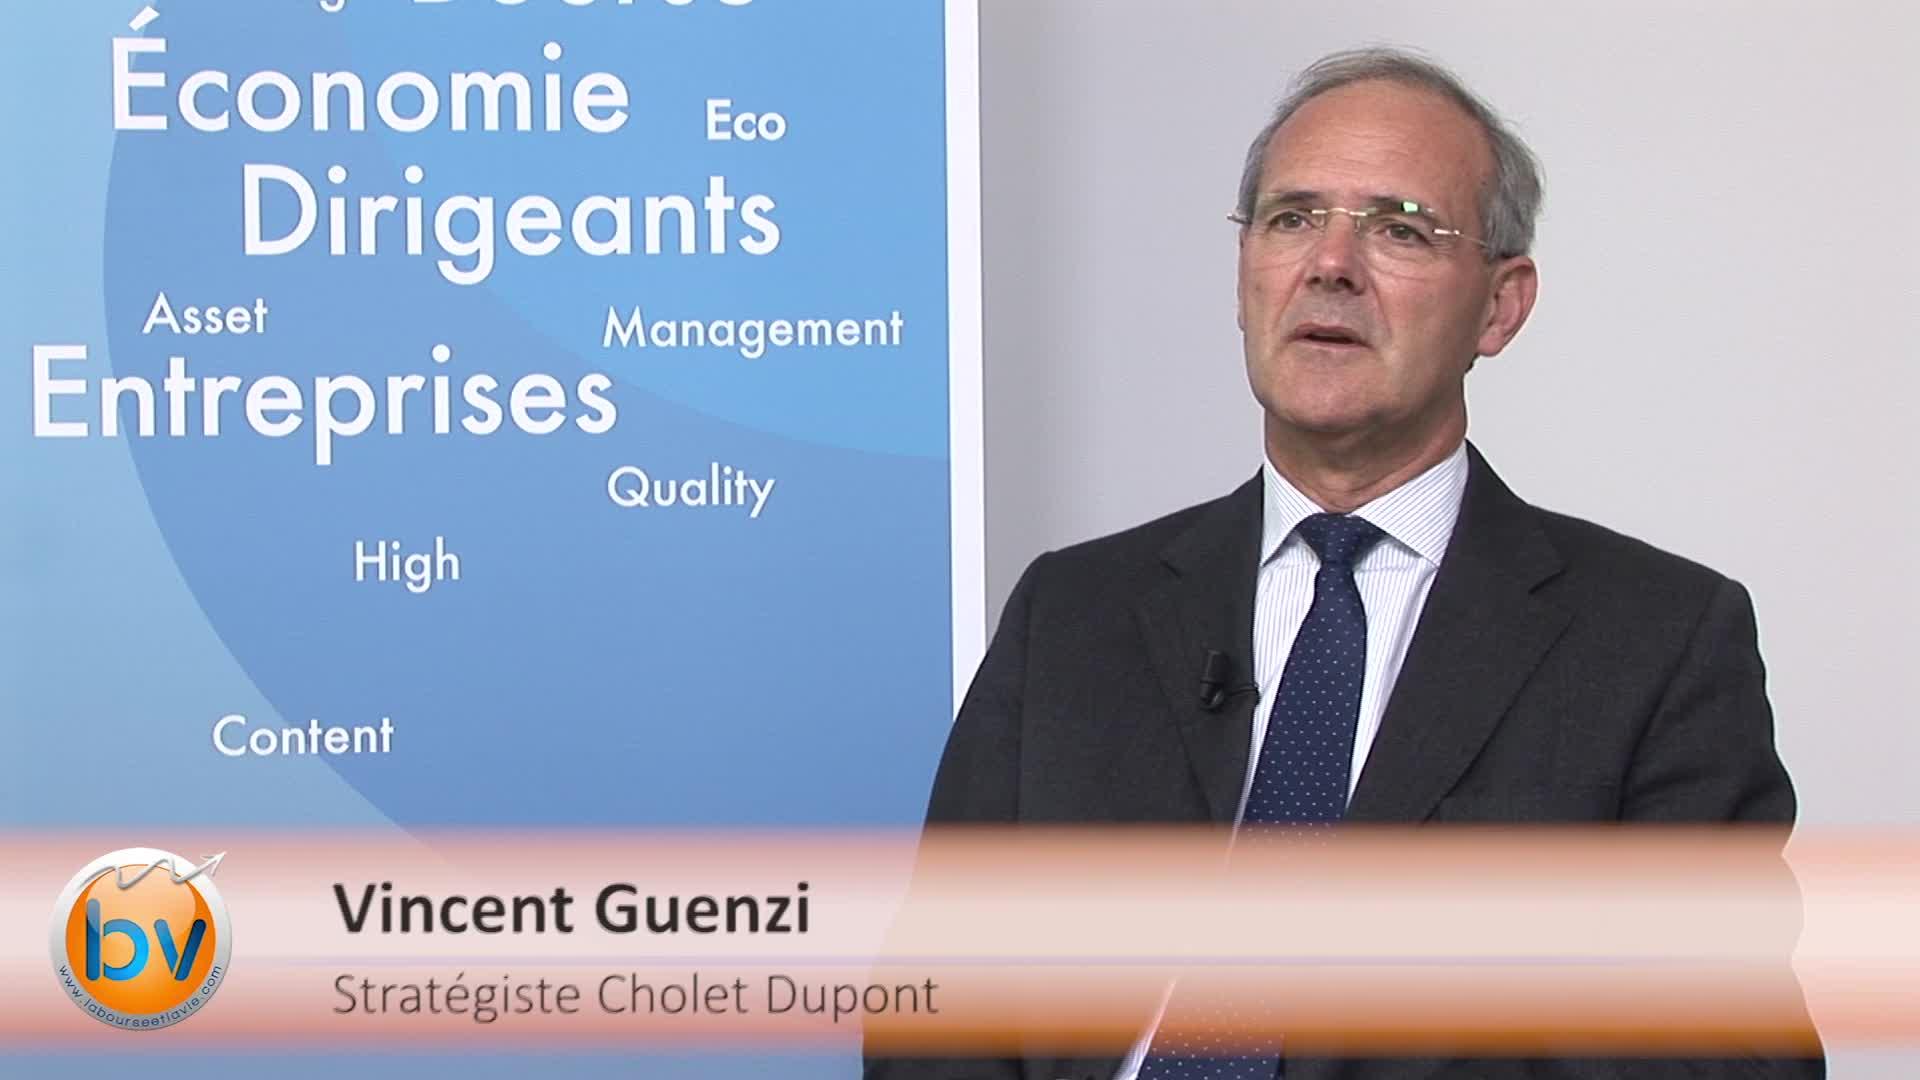 Vincent Guenzi Stratégiste Cholet Dupont : «Toujours un message de prudence mais des opportunités»